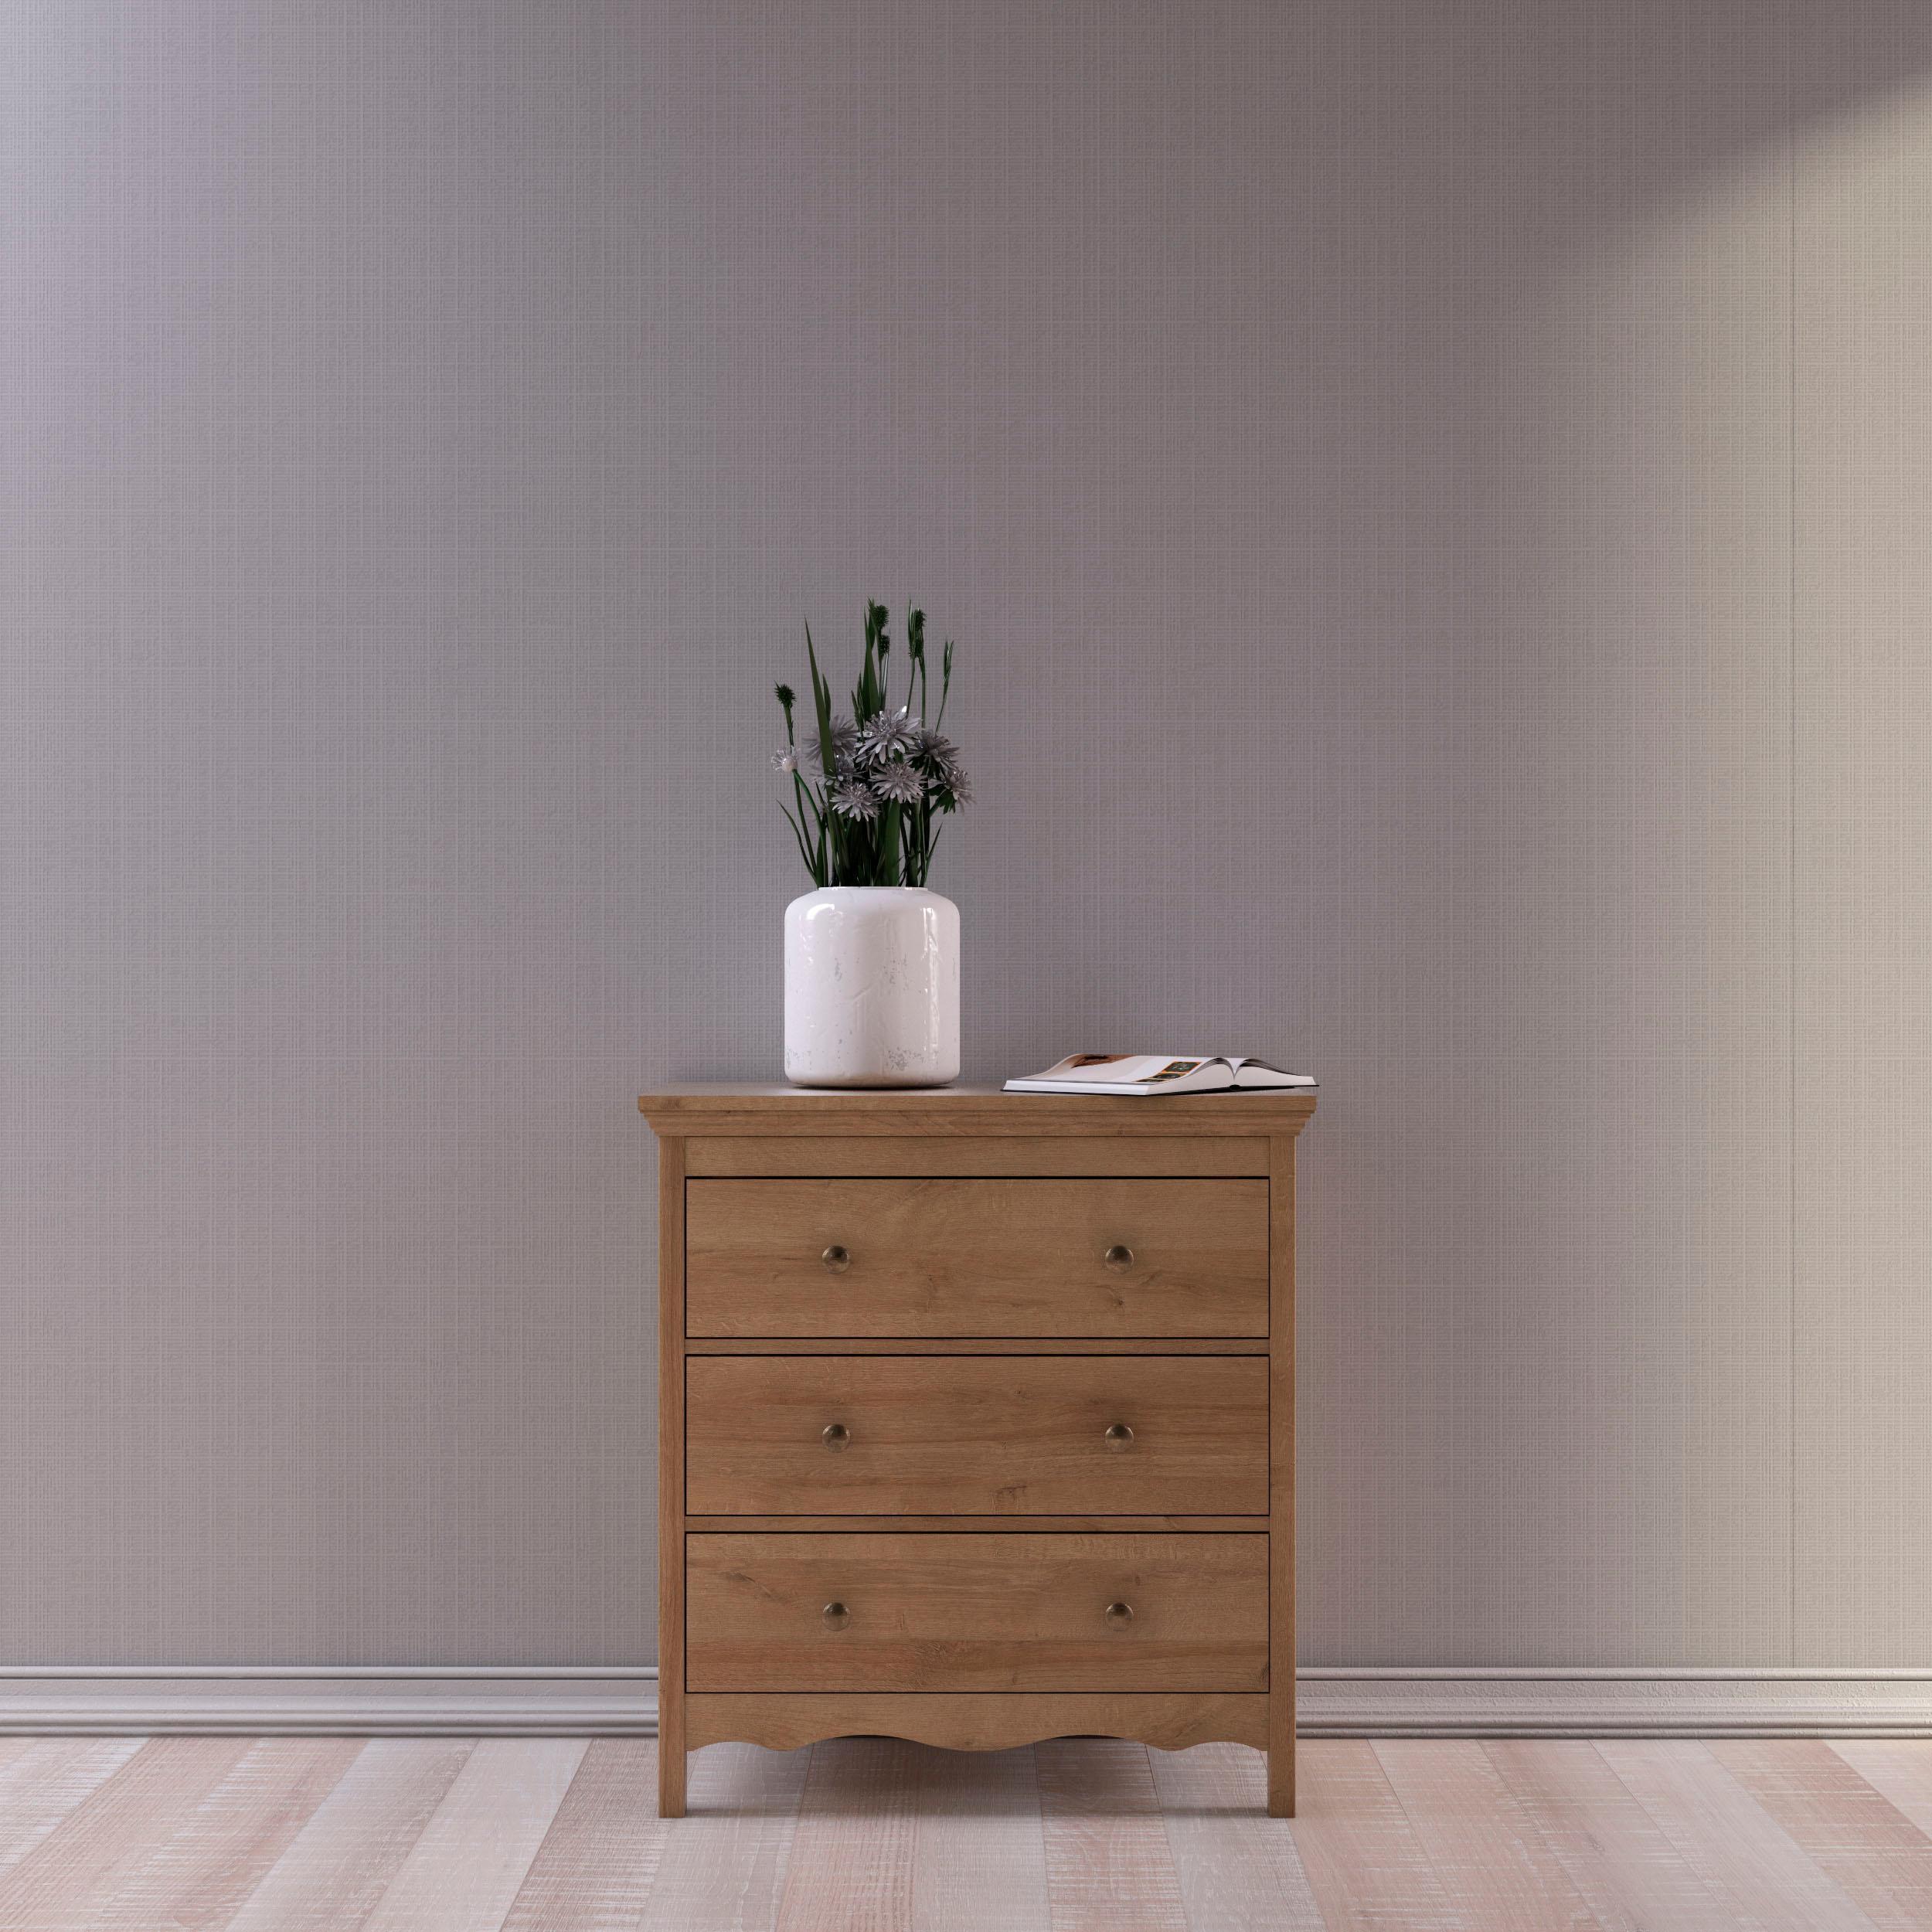 Home Affaire Kommode Silkeborg Aus Foliertem Holzwerkstoff Mit Eichenholz Optik Mit Metallgriffen Breite 82 Cm